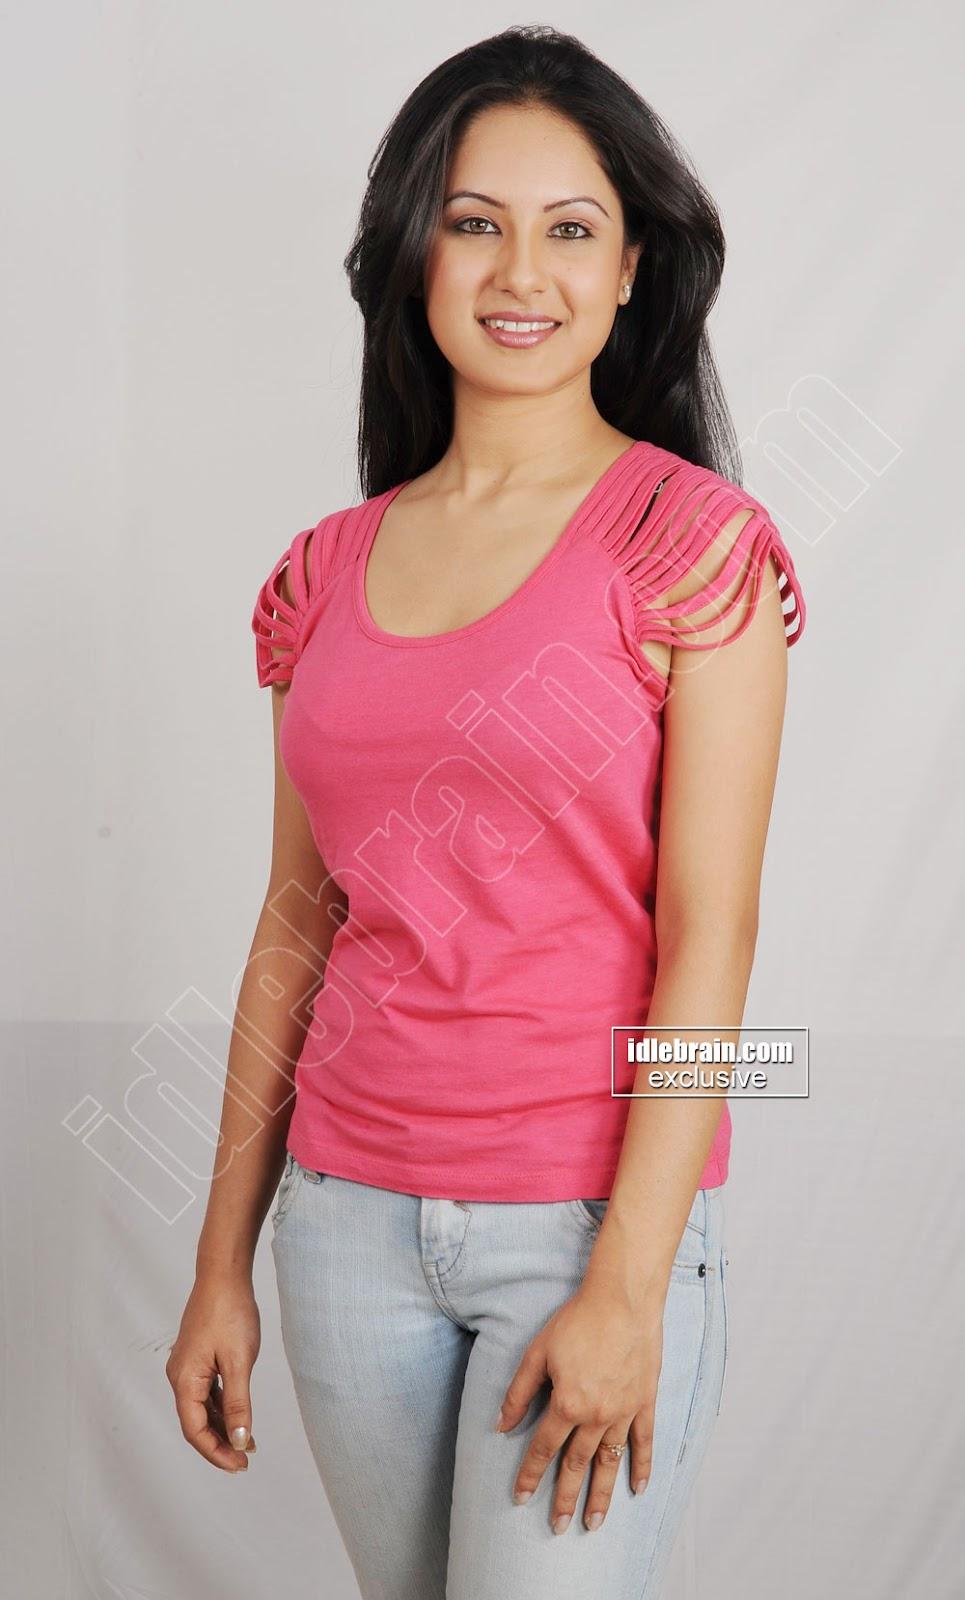 Pooja Bose In Jeans IdlebrainGallery: Pooj...